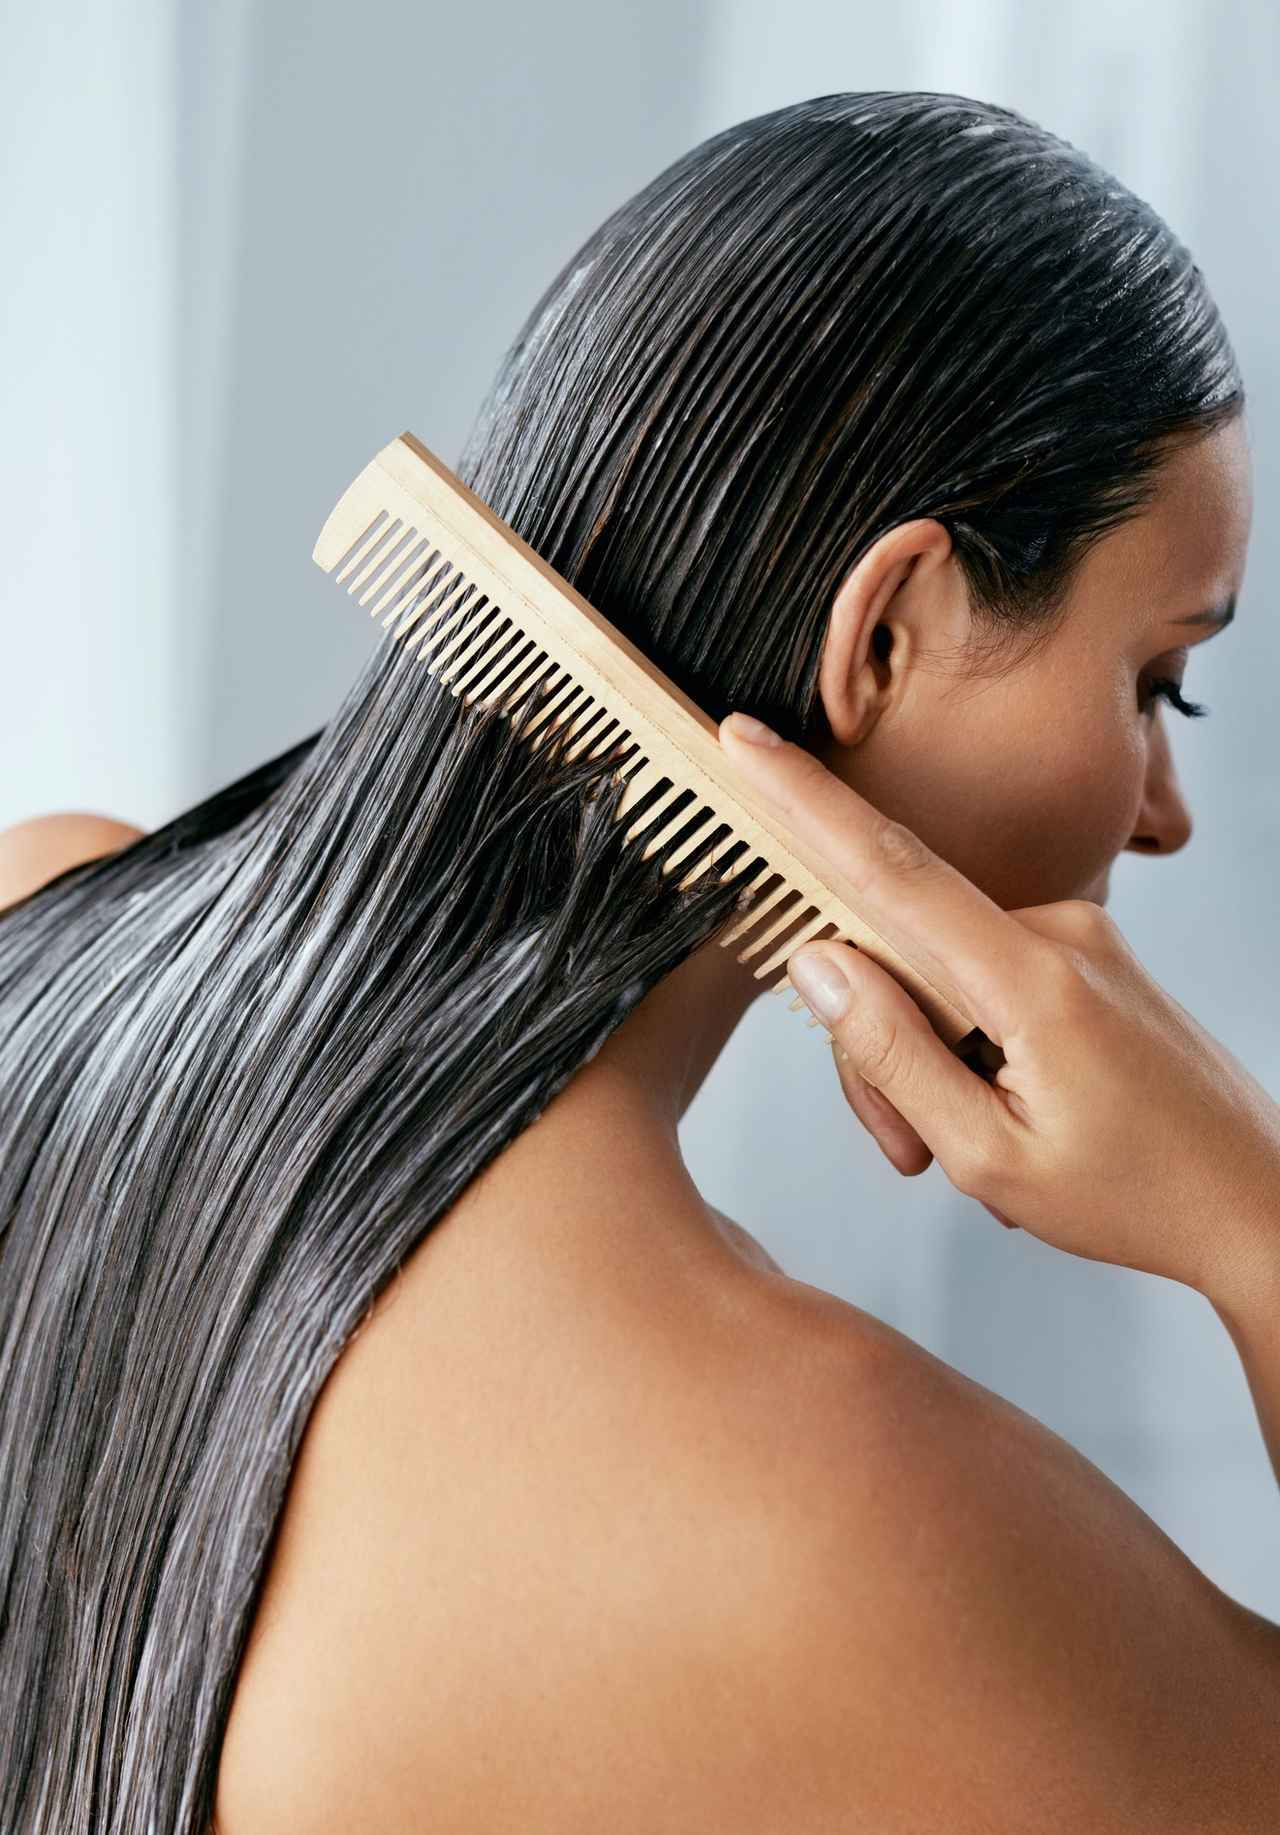 画像2: ルール2:とかすときは髪に何かつける